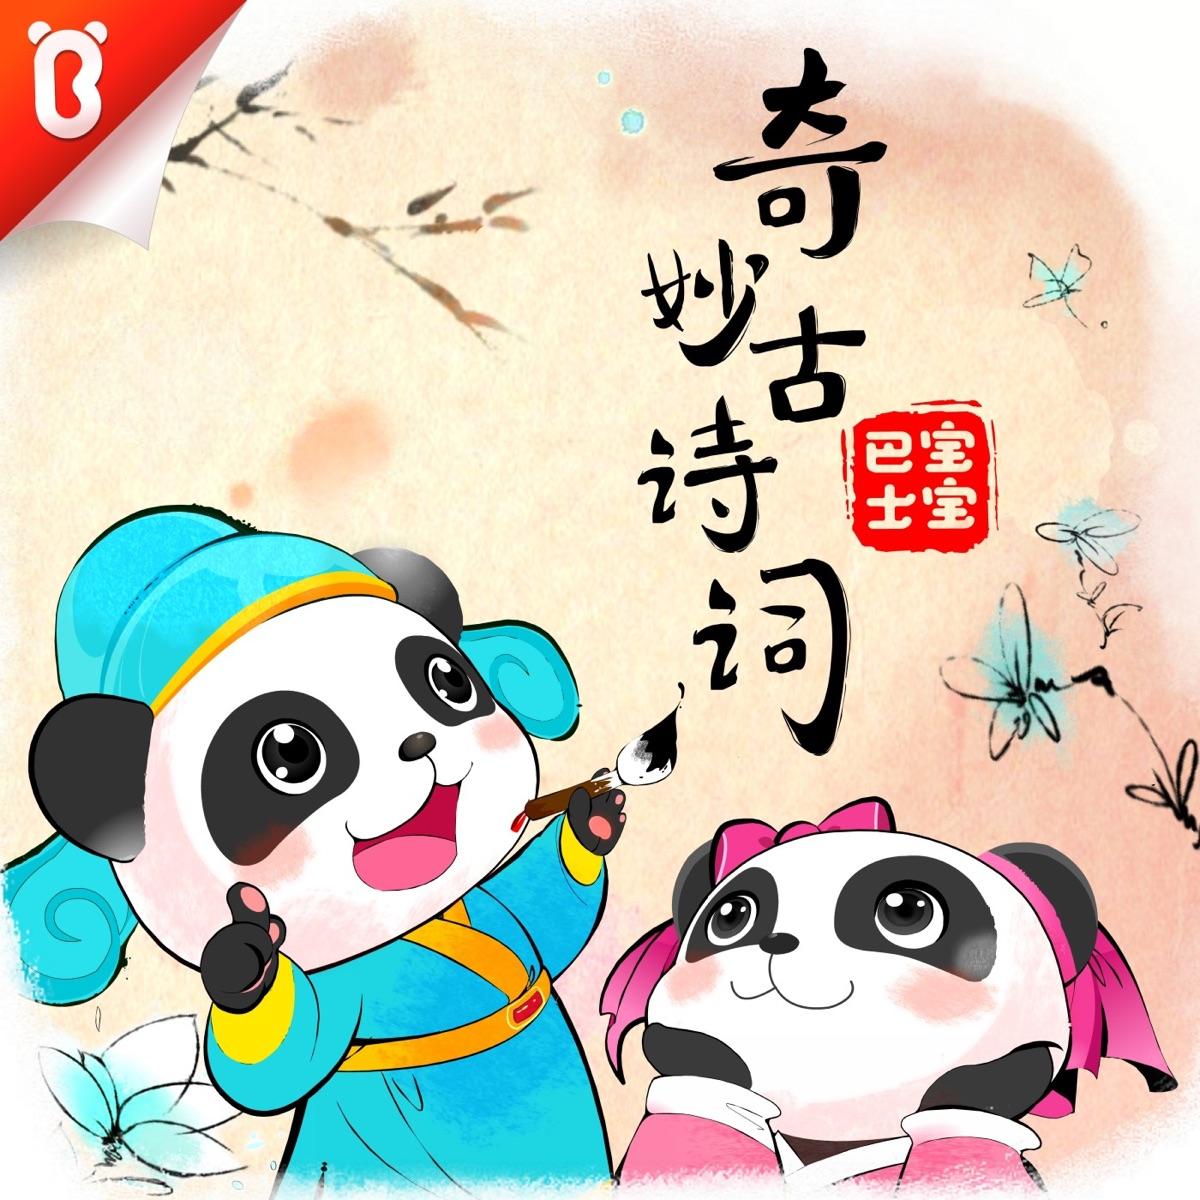 【古诗词联唱】春雨和风细细来:春夜喜雨+春晓+滁州西涧三首